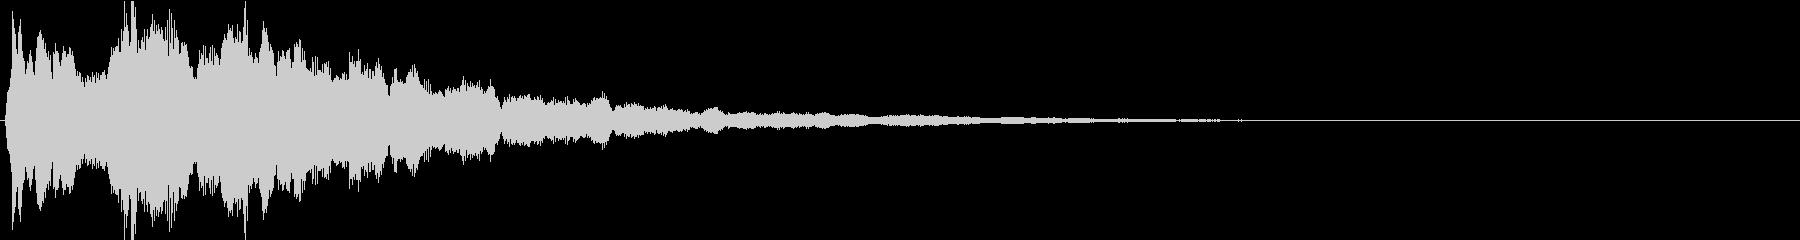 ピン:アニメや漫画で閃く時の音5の未再生の波形